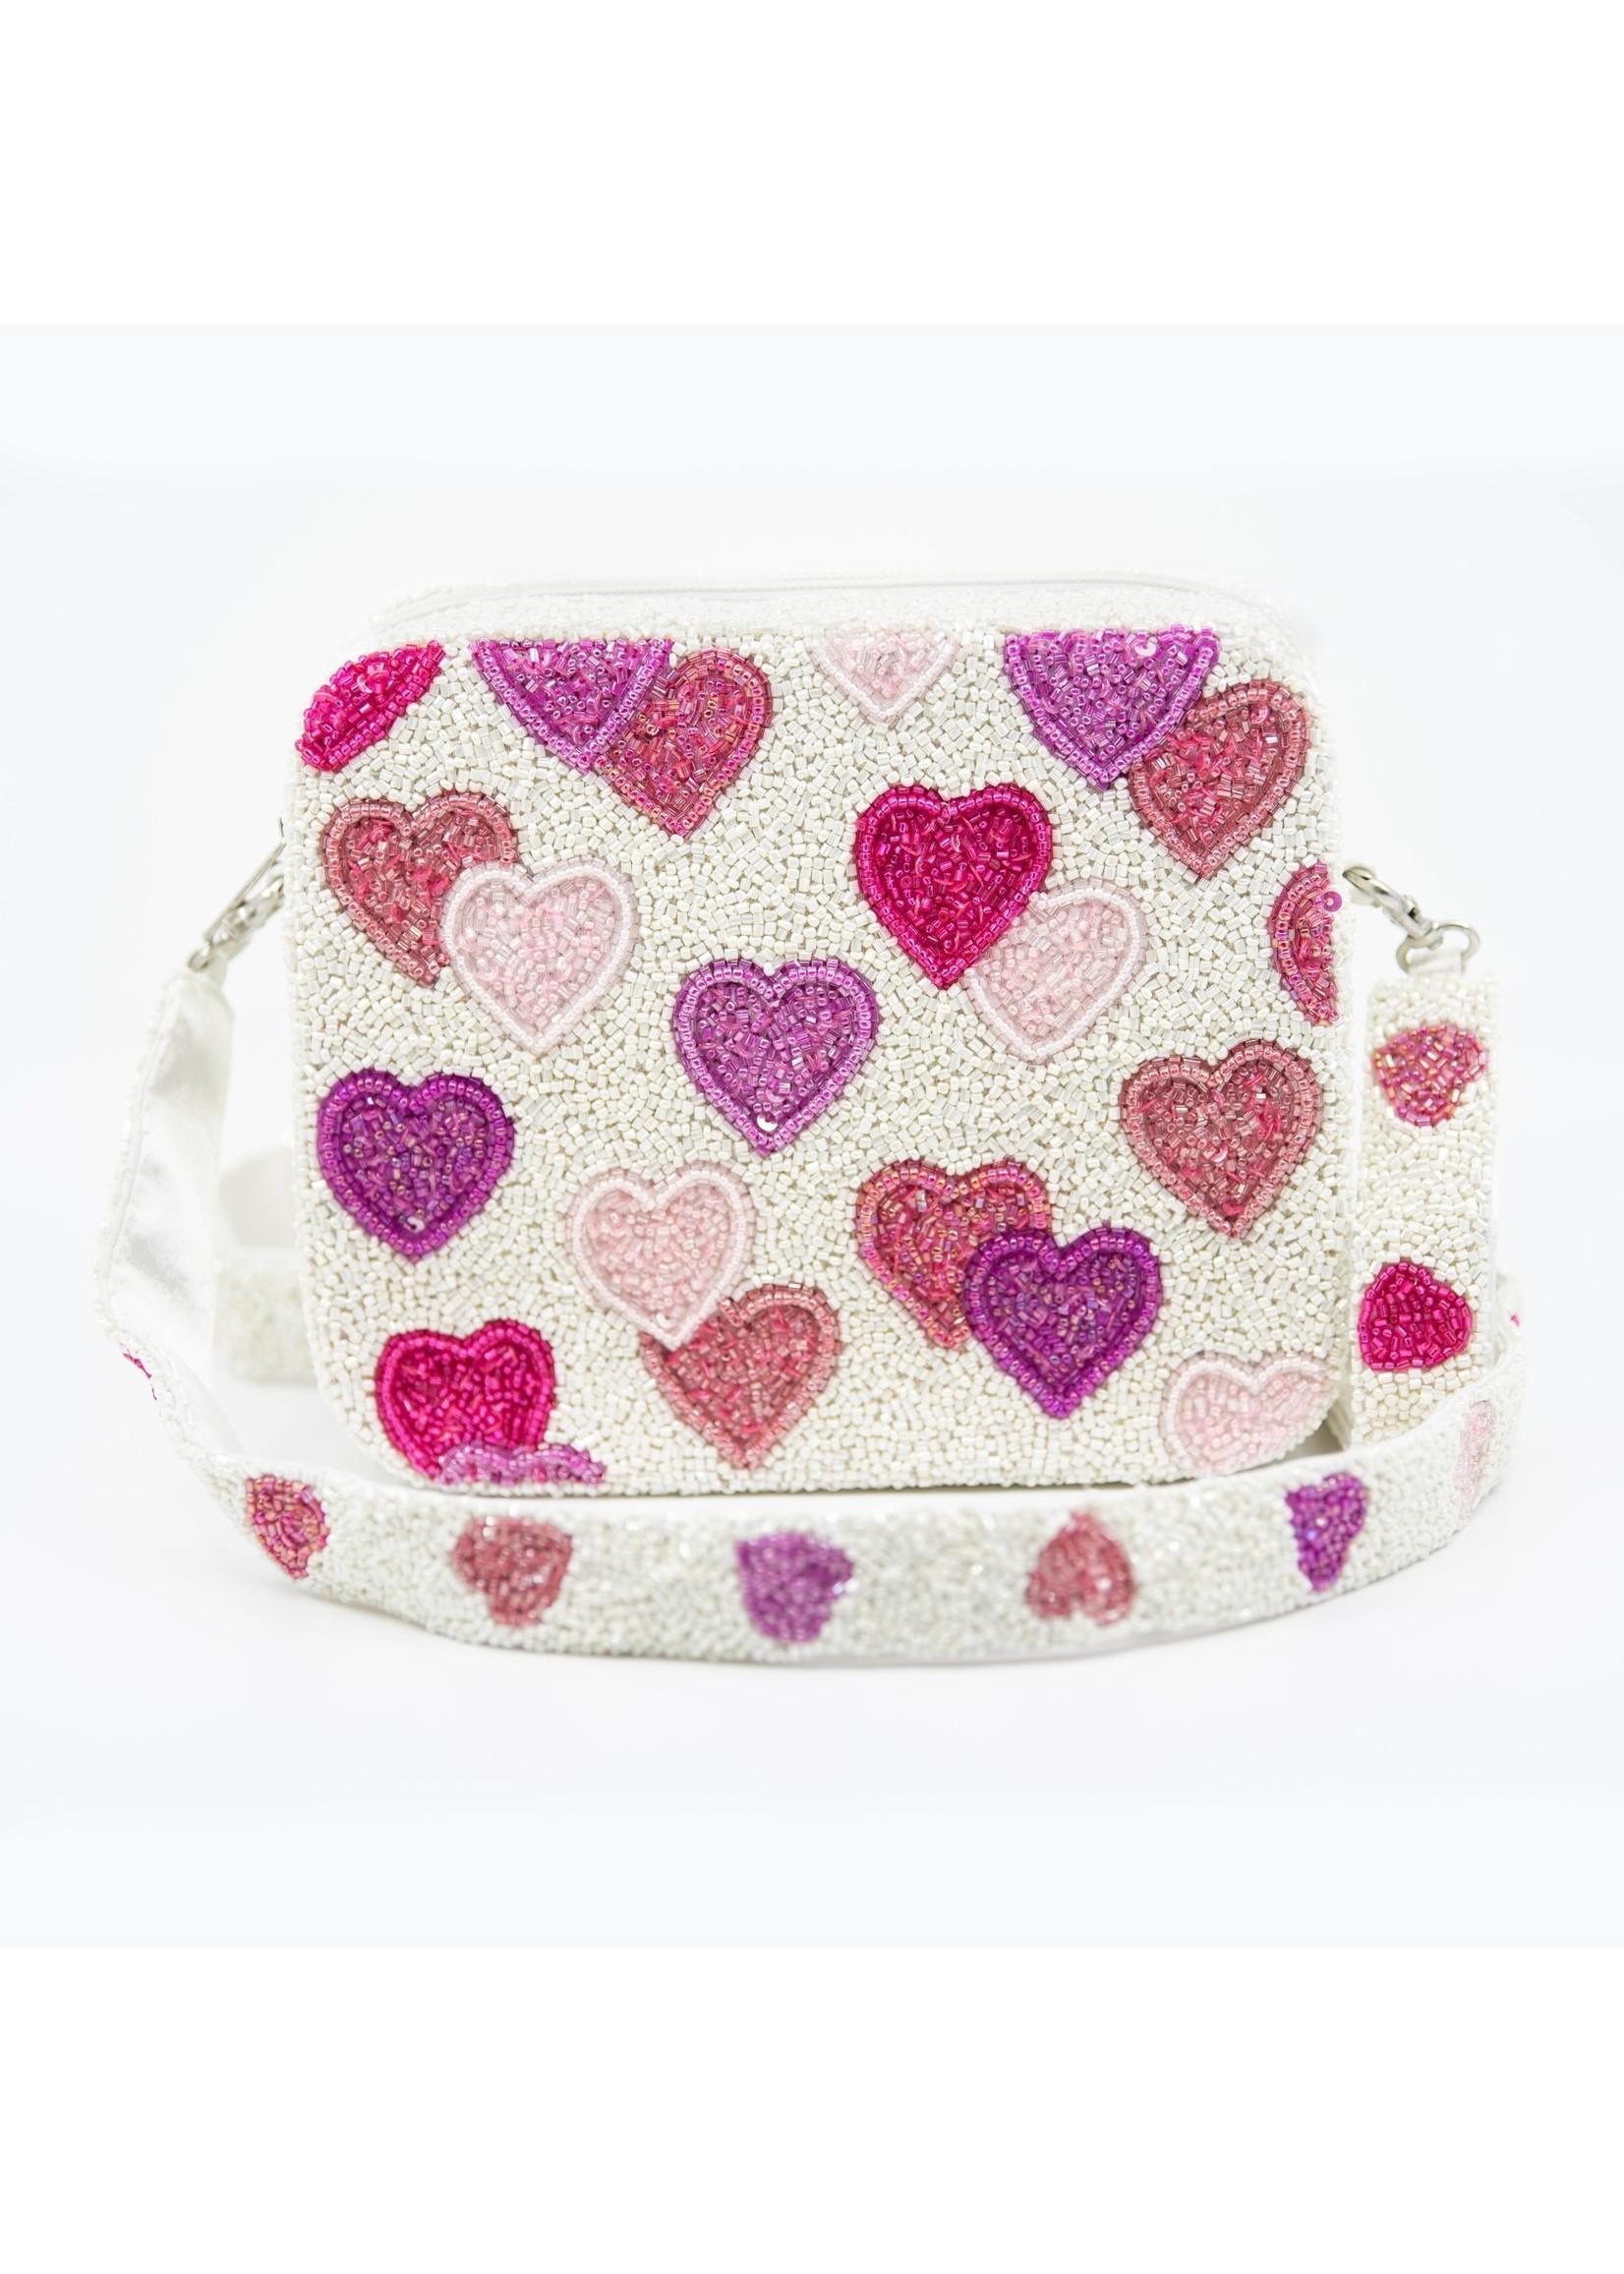 Tiana Designs White Hearts Purse